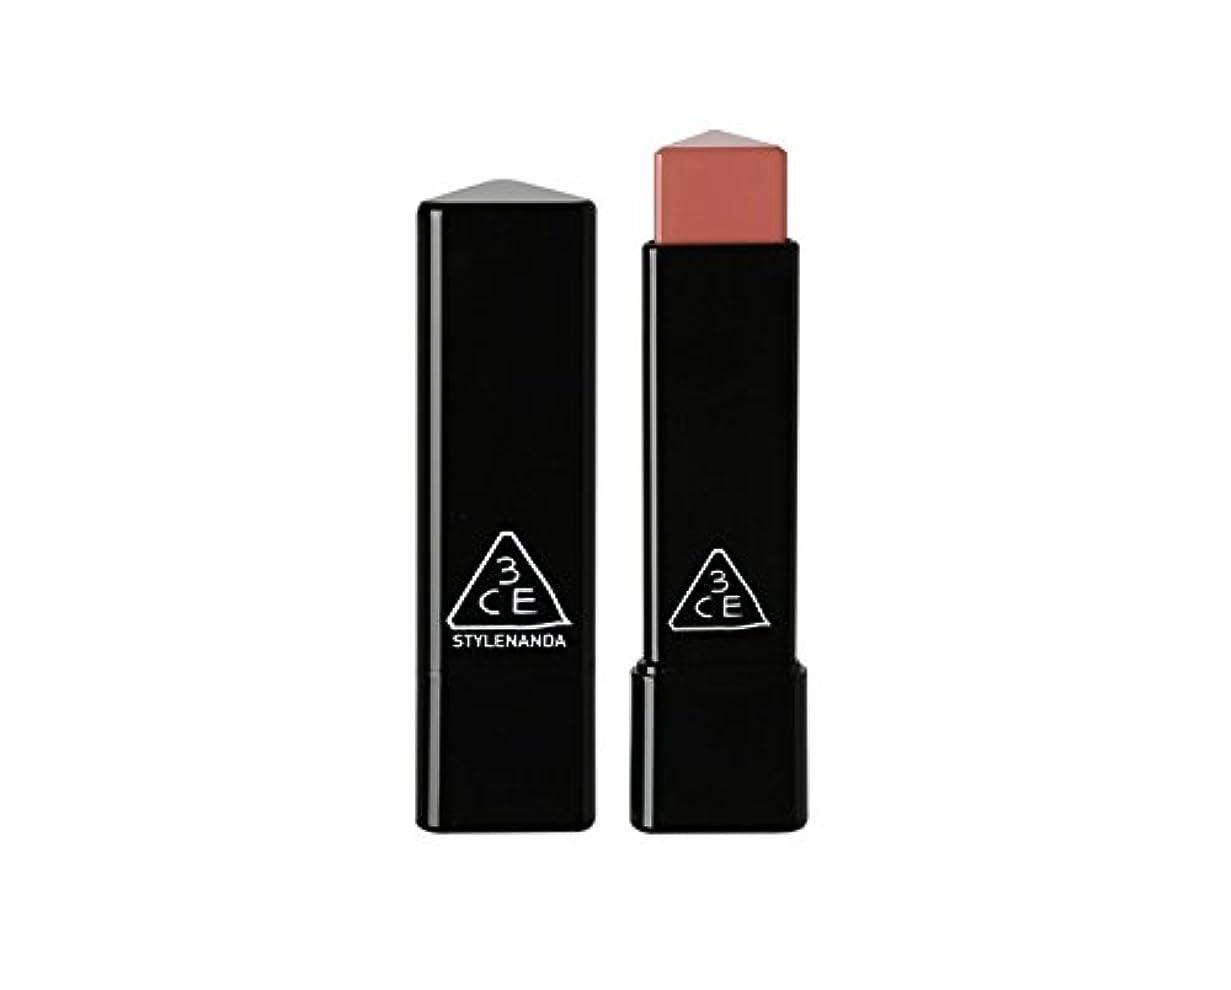 単独で銀行うなる3CE スロージャム三角形口紅 3 Concept Eyes Style Nanda Glow Jam Stick Triangle Lipstick (正品?海外直送品) (Longing)